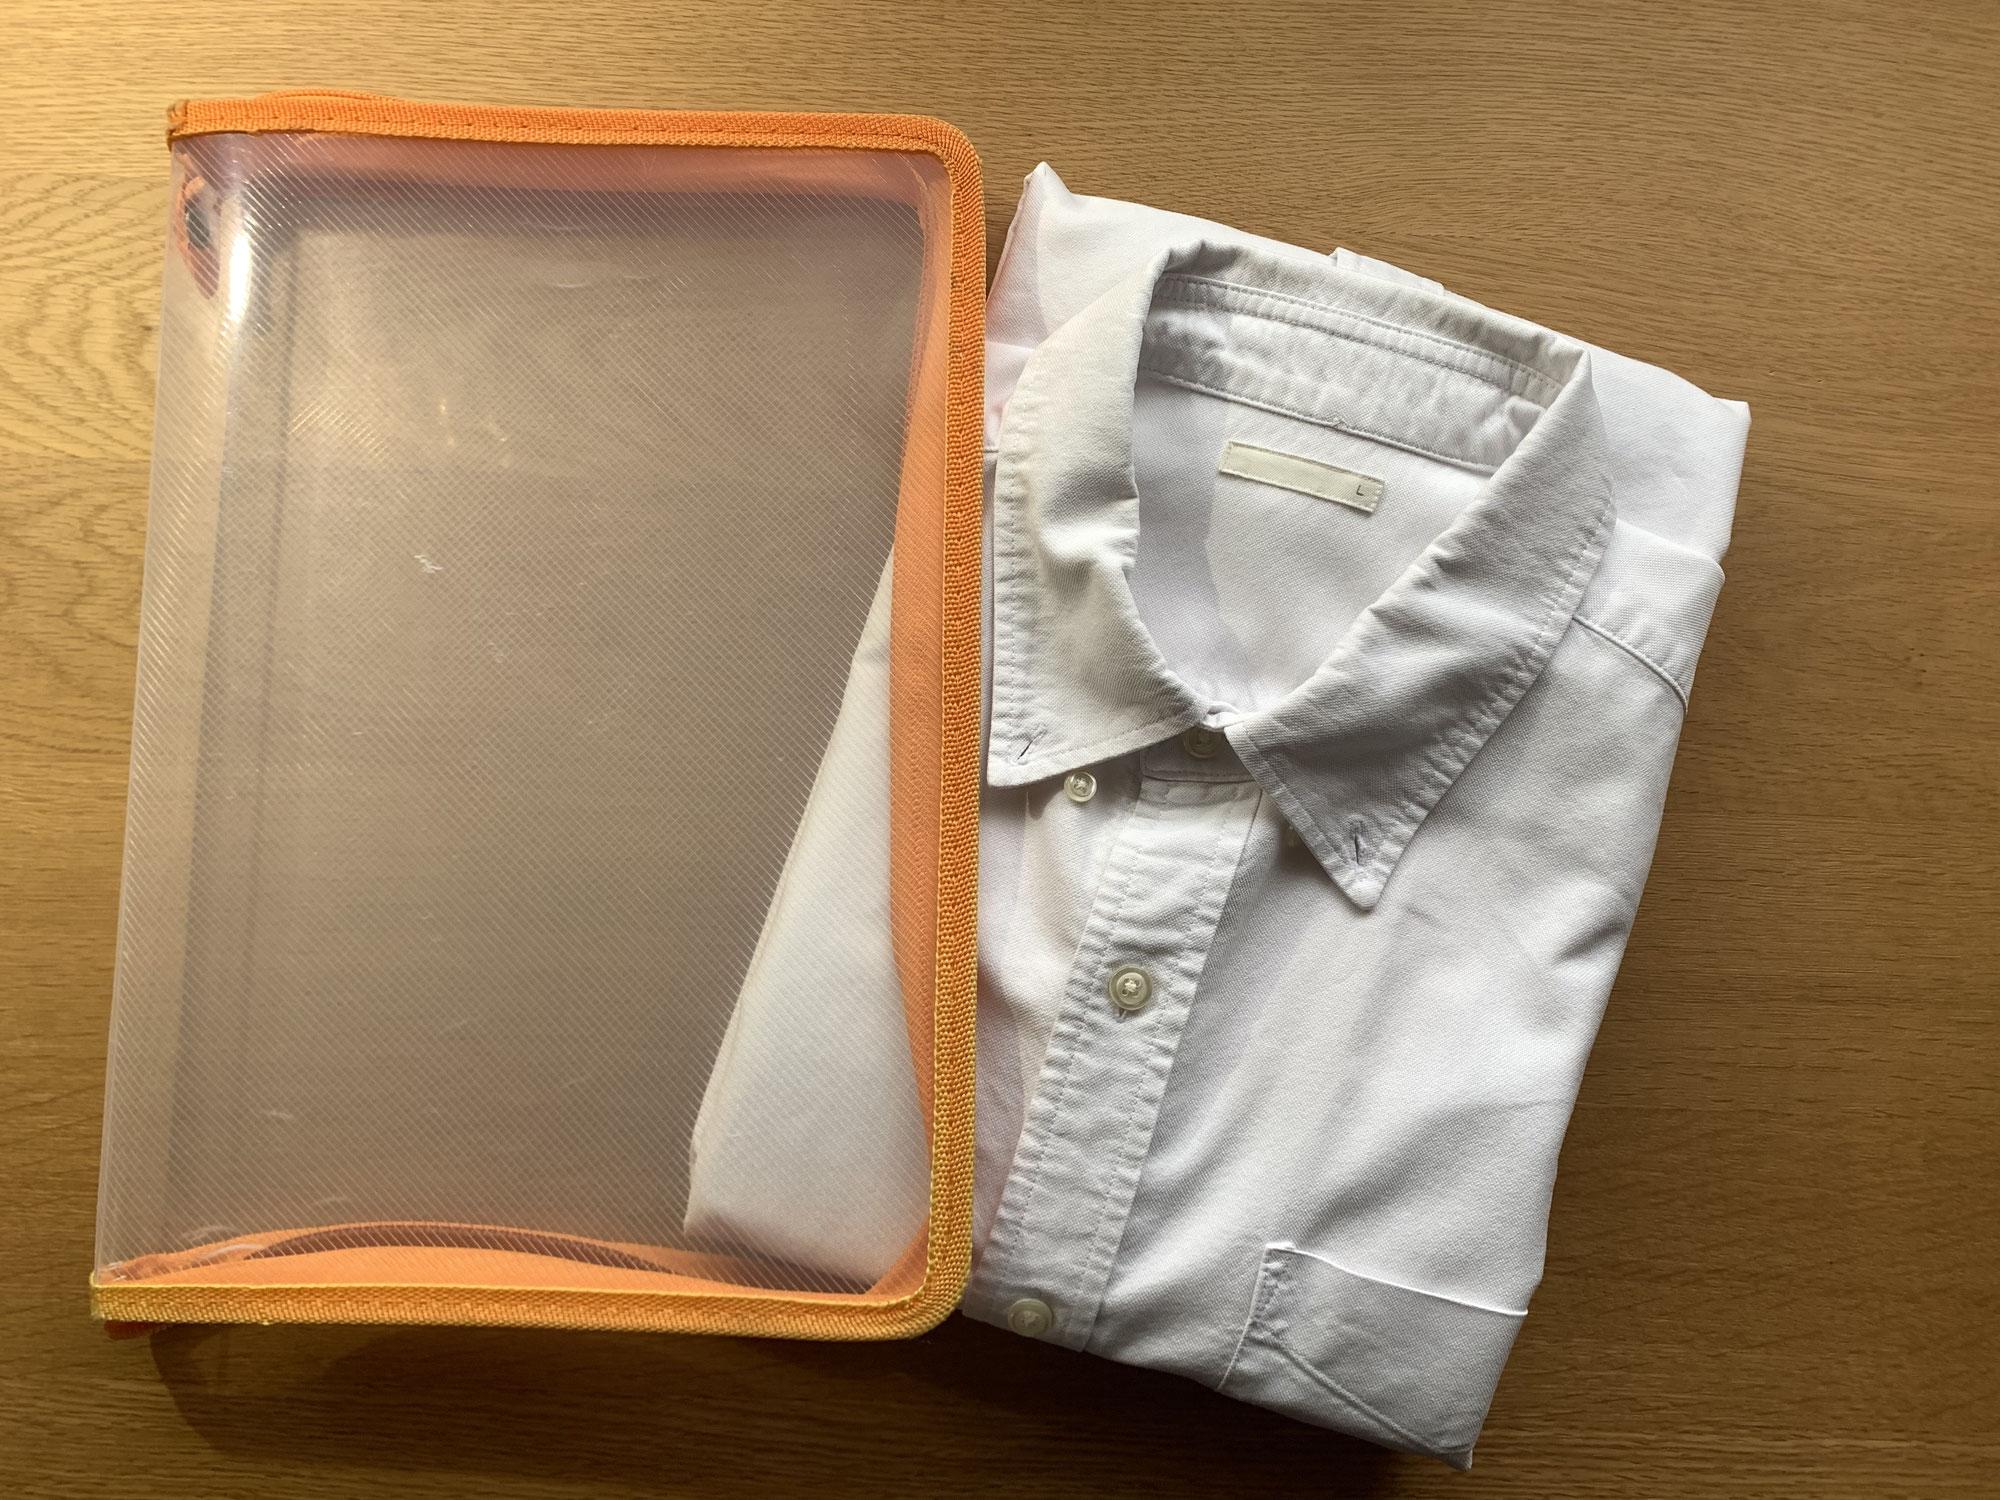 ワイシャツTシャツ持ち運び用収納方法